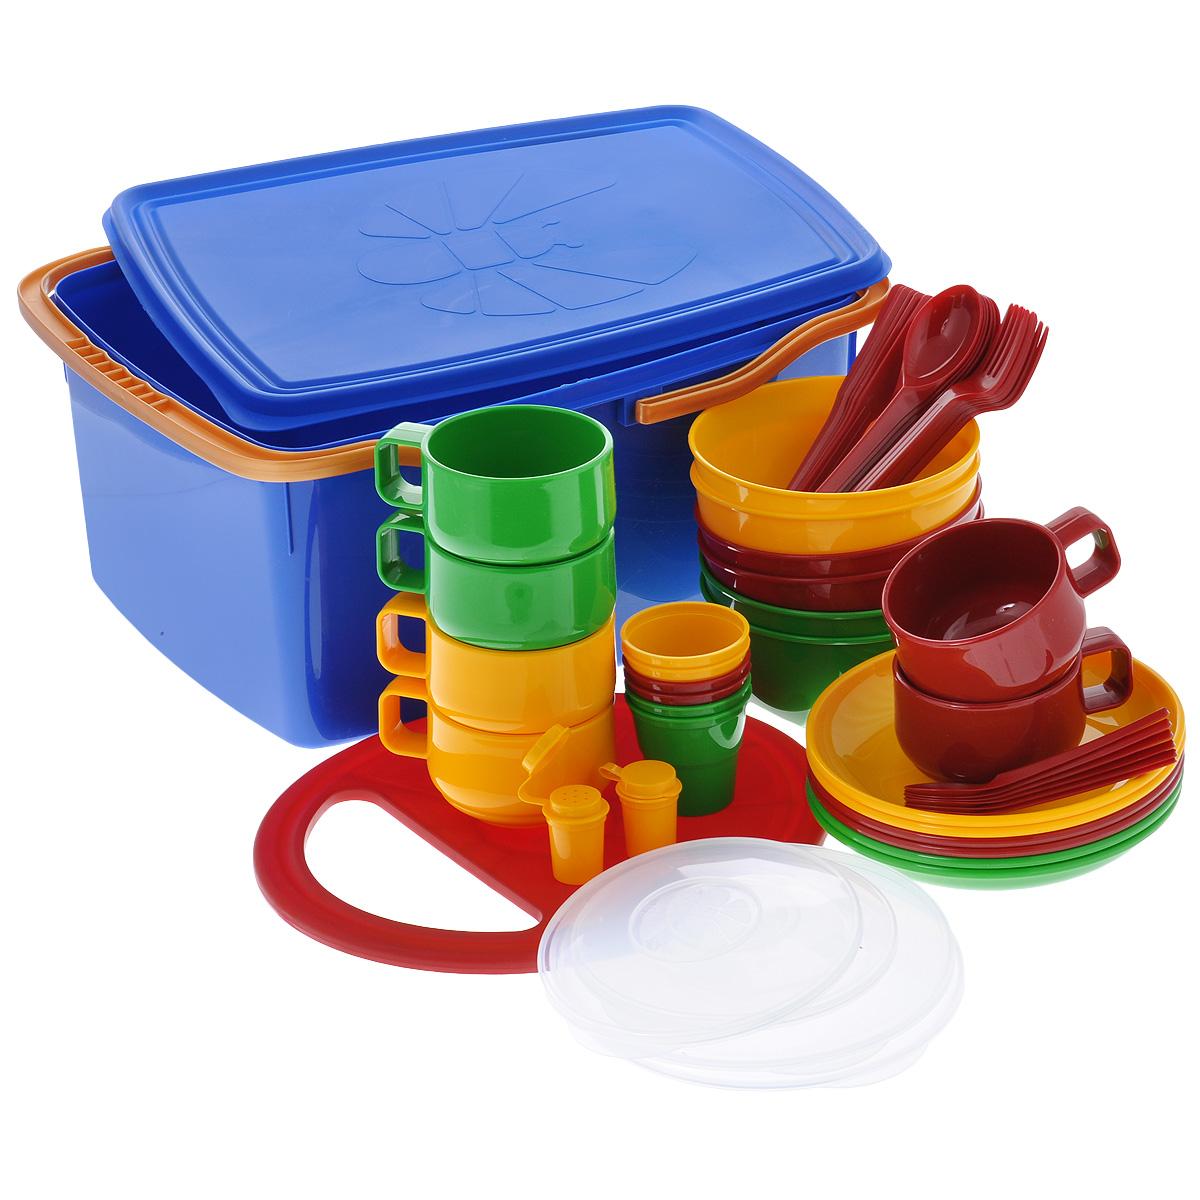 Набор посуды Solaris, в контейнере, на 6 персонS1602Компактный расширенный набор посуды Solaris на 6 персон, в удобном пластиковом контейнере с ручками и герметичной крышкой.В походном положении весь набор находится внутри контейнера.Свойства посуды:Посуда из ударопрочного пищевого полипропилена предназначена для многократного использования. Легкая, прочная и износостойкая, экологически чистая, эта посуда работает в диапазоне температур от -25°С до +110°С. Можно мыть в посудомоечной машине. Эта посуда также обеспечивает:Хранение горячих и холодных пищевых продуктов;Разогрев продуктов в микроволновой печи;Приготовление пищи в микроволновой печи на пару (пароварка);Хранение продуктов в холодильной и морозильной камере;Кипячение воды с помощью электрокипятильника.Состав набора:Контейнер с герметичной крышкой и ручками, объем 17 л;6 мисок, объем 1 л;2 герметичных крышки к миске, 1 л;6 тарелок;2 герметичных крышки к тарелке;6 чашек, объем 0,28 л;6 стаканов с мерными делениями, объем 0,1 л;6 вилок;6 ложек столовых;6 ножей;6 ложек чайных;2 солонки;Разделочная доска.Размер контейнера: 40 см х 31 см х 19 см.Диаметр чашек: 9,3 см.Высота чашек: 6,5 см.Диаметр мисок: 15 см.Высота мисок: 7,5 см.Диаметр стаканов: 6,5 см.Высота стаканов: 6,5 см.Диаметр тарелок: 19 см.Высота тарелок: 3 см.Размер разделочной доски: 30,5 см х 26,5 см.Длина ложек: 19 см.Длина вилок: 19 см.Длина ножей: 19 см.Длина чайных ложек: 13,5 см.